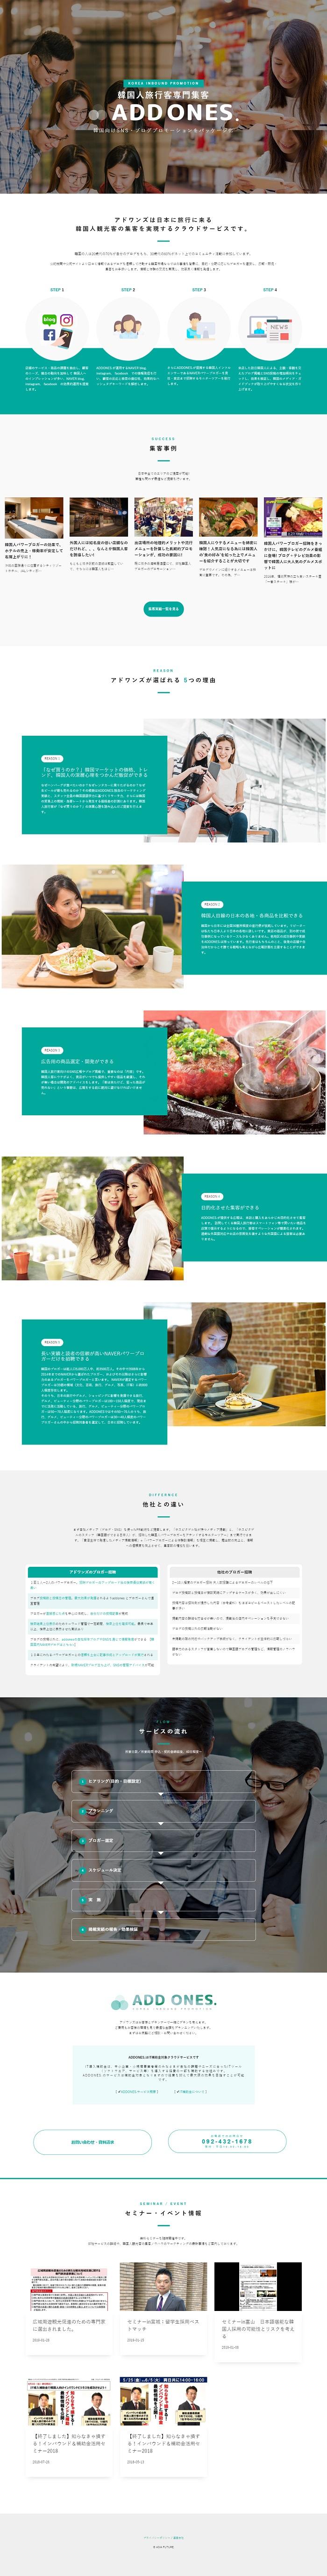 韓国人旅行客集客 ADDONES. アドワンズ | 日本に来る観光客へ広告・告知、パワーブロガーの招待